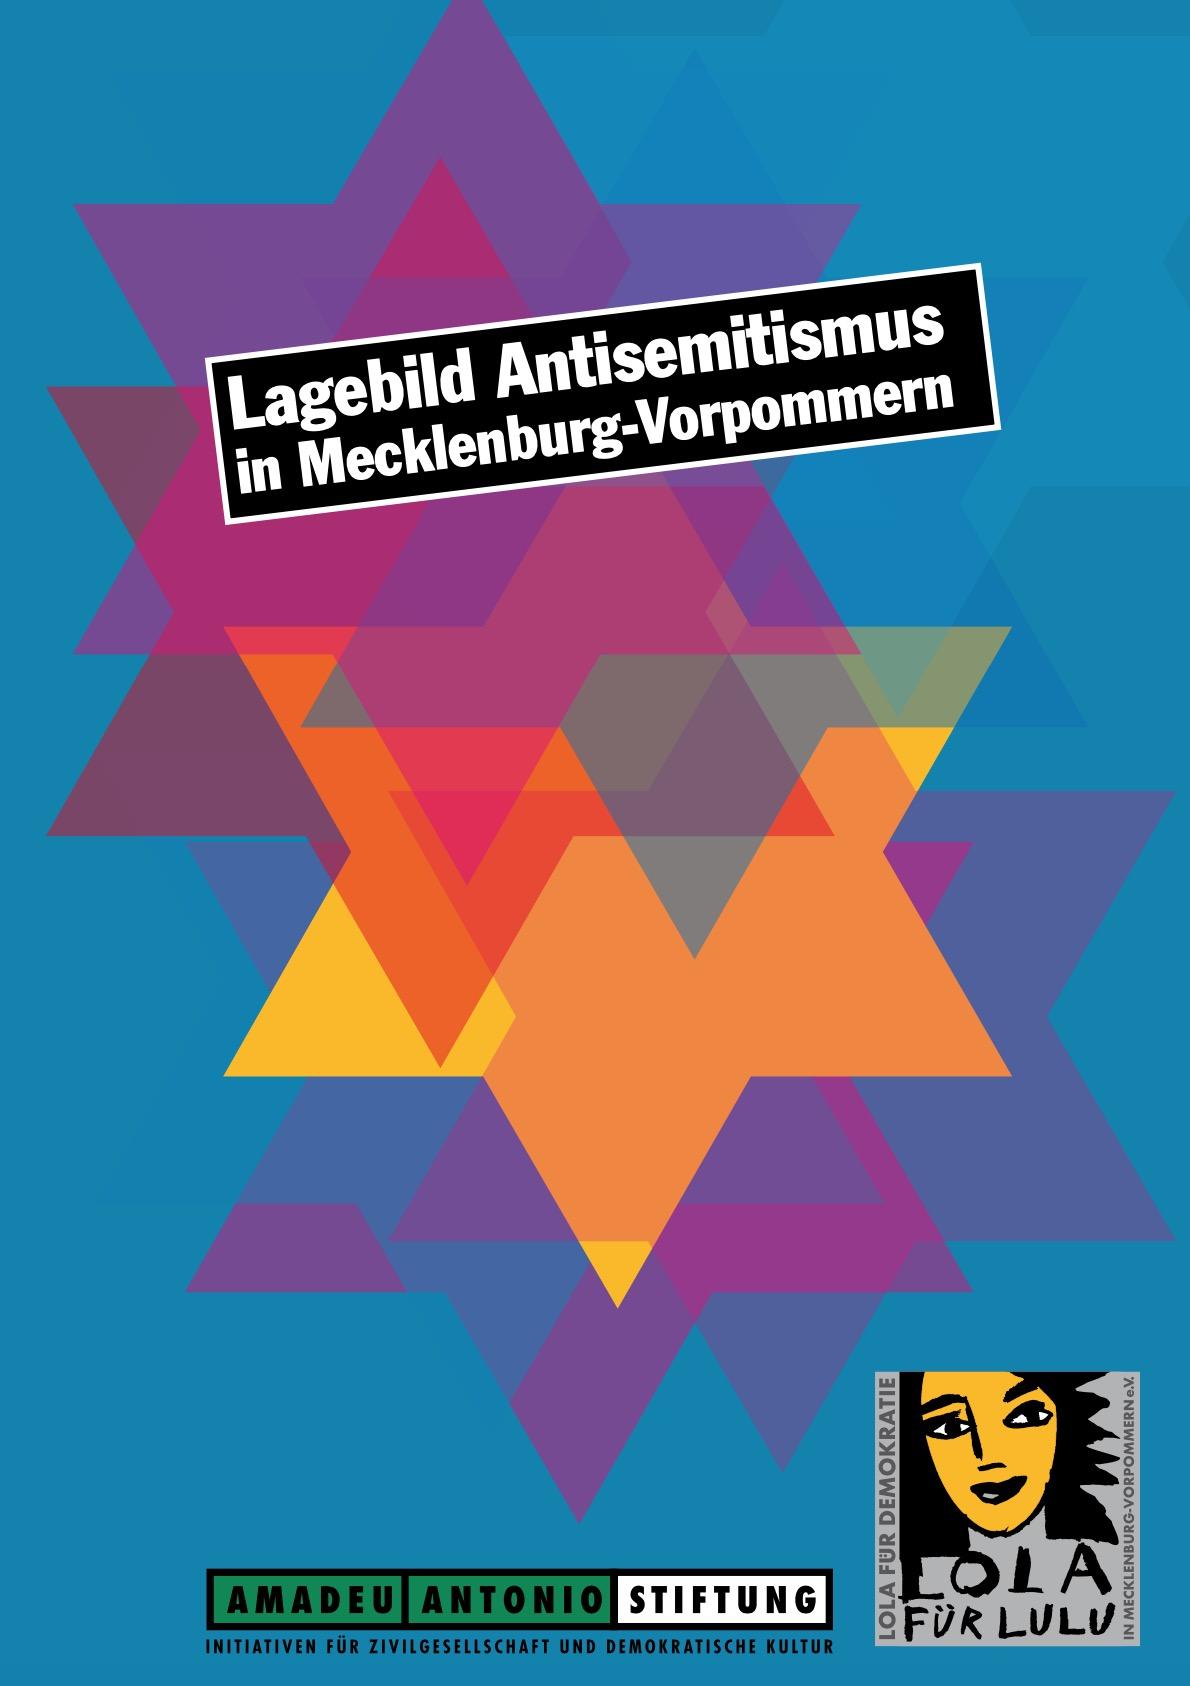 Lagebild Antisemisismus in M-V